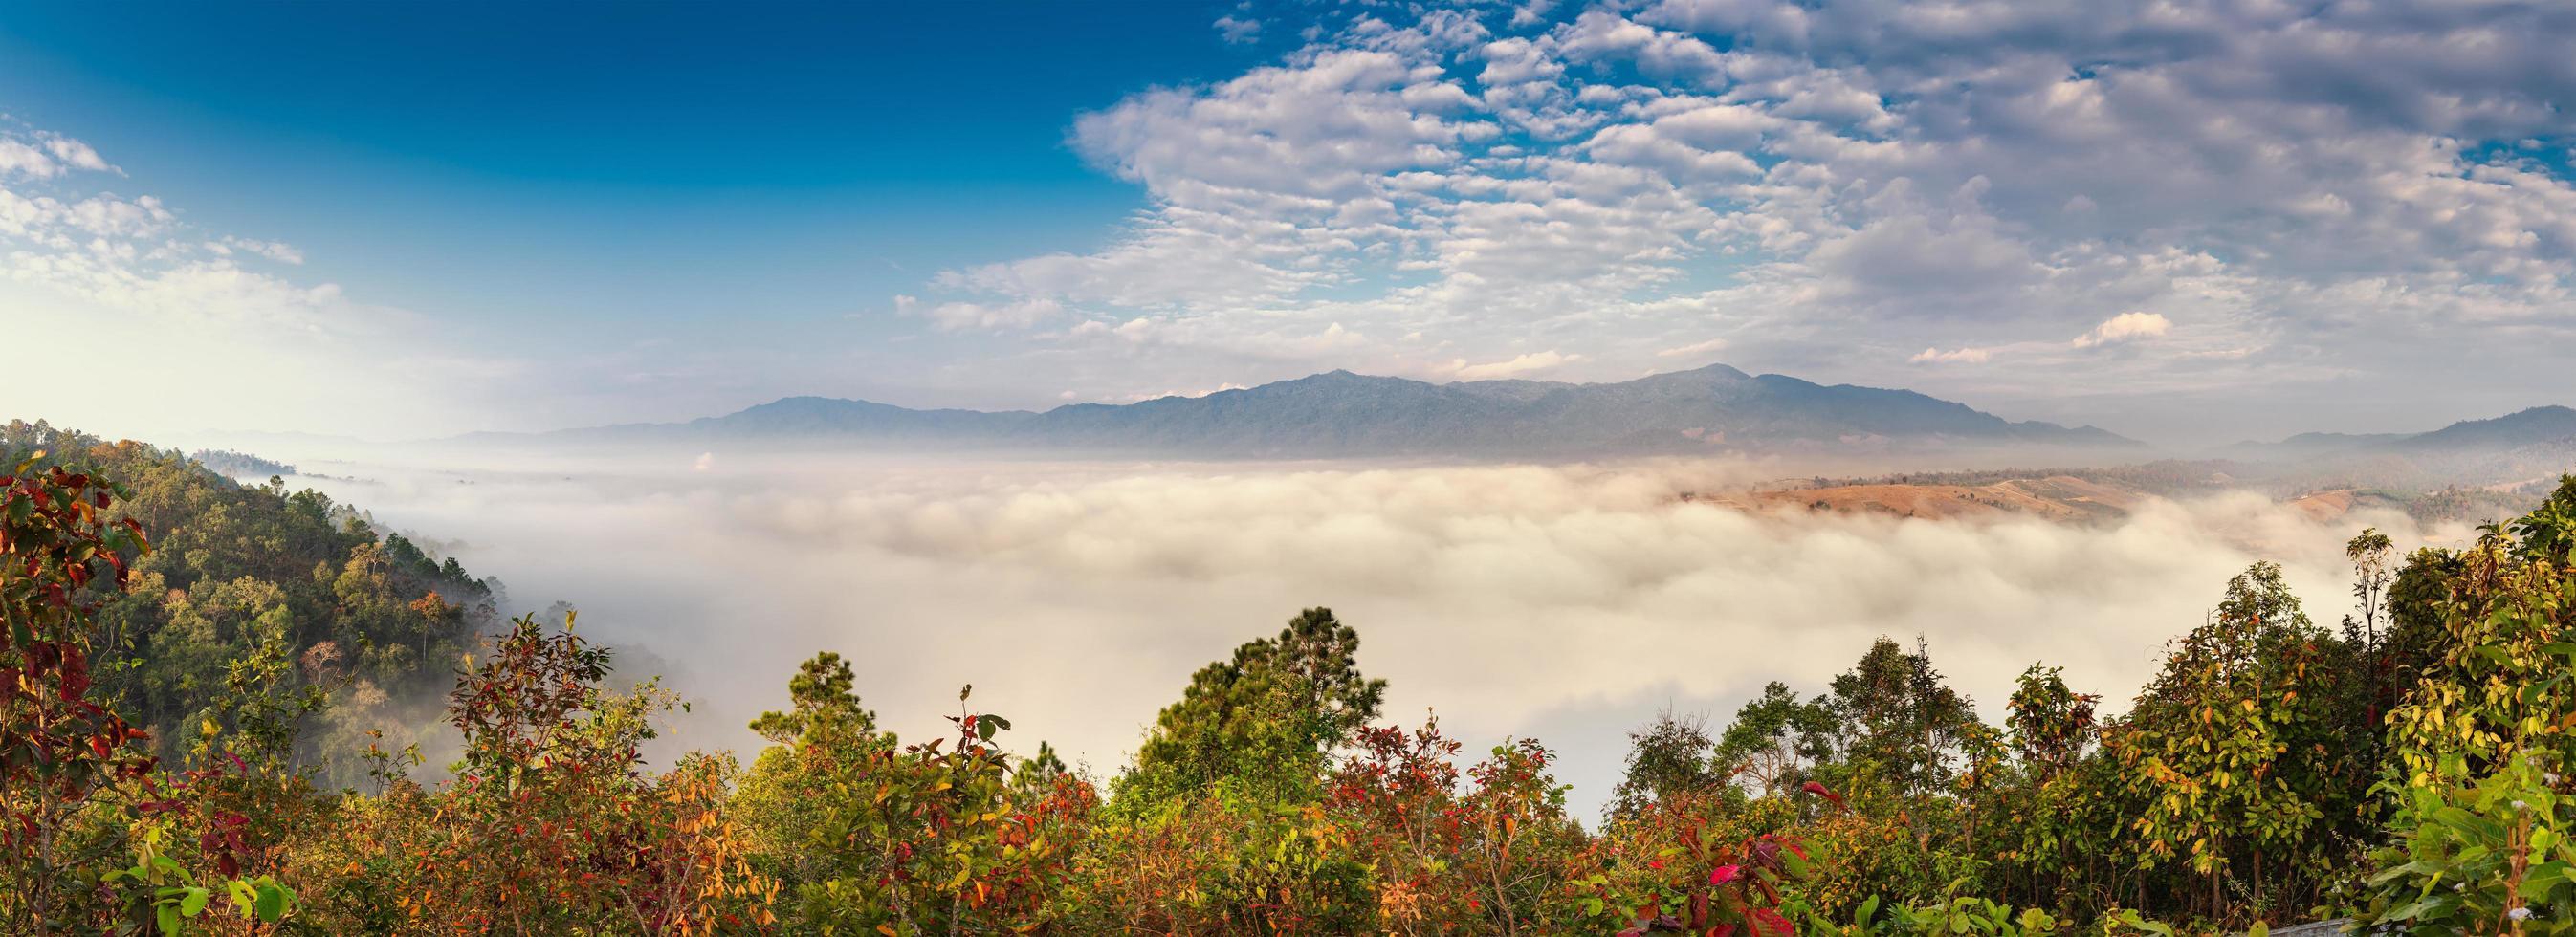 forêt avec nuages et montagnes photo